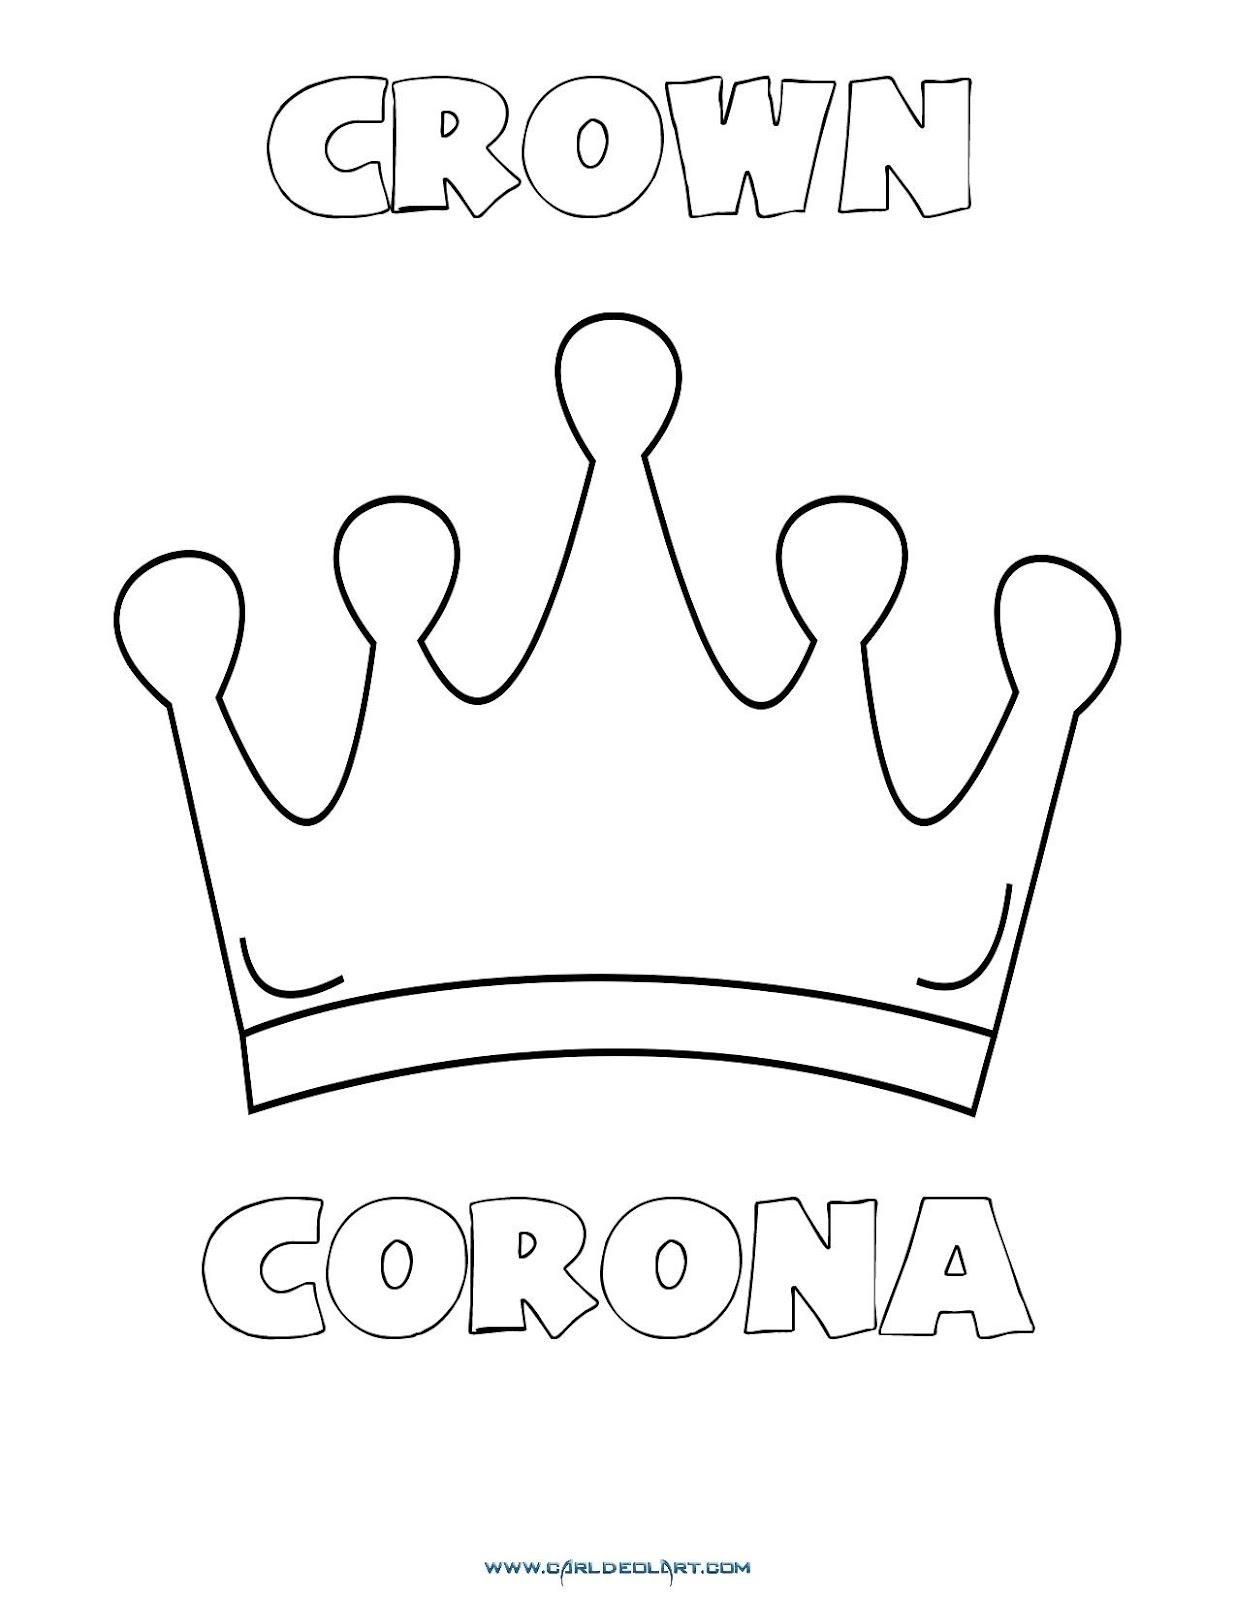 Dibujos Inglés Español Con C Corona Crown Dibujospacolorear